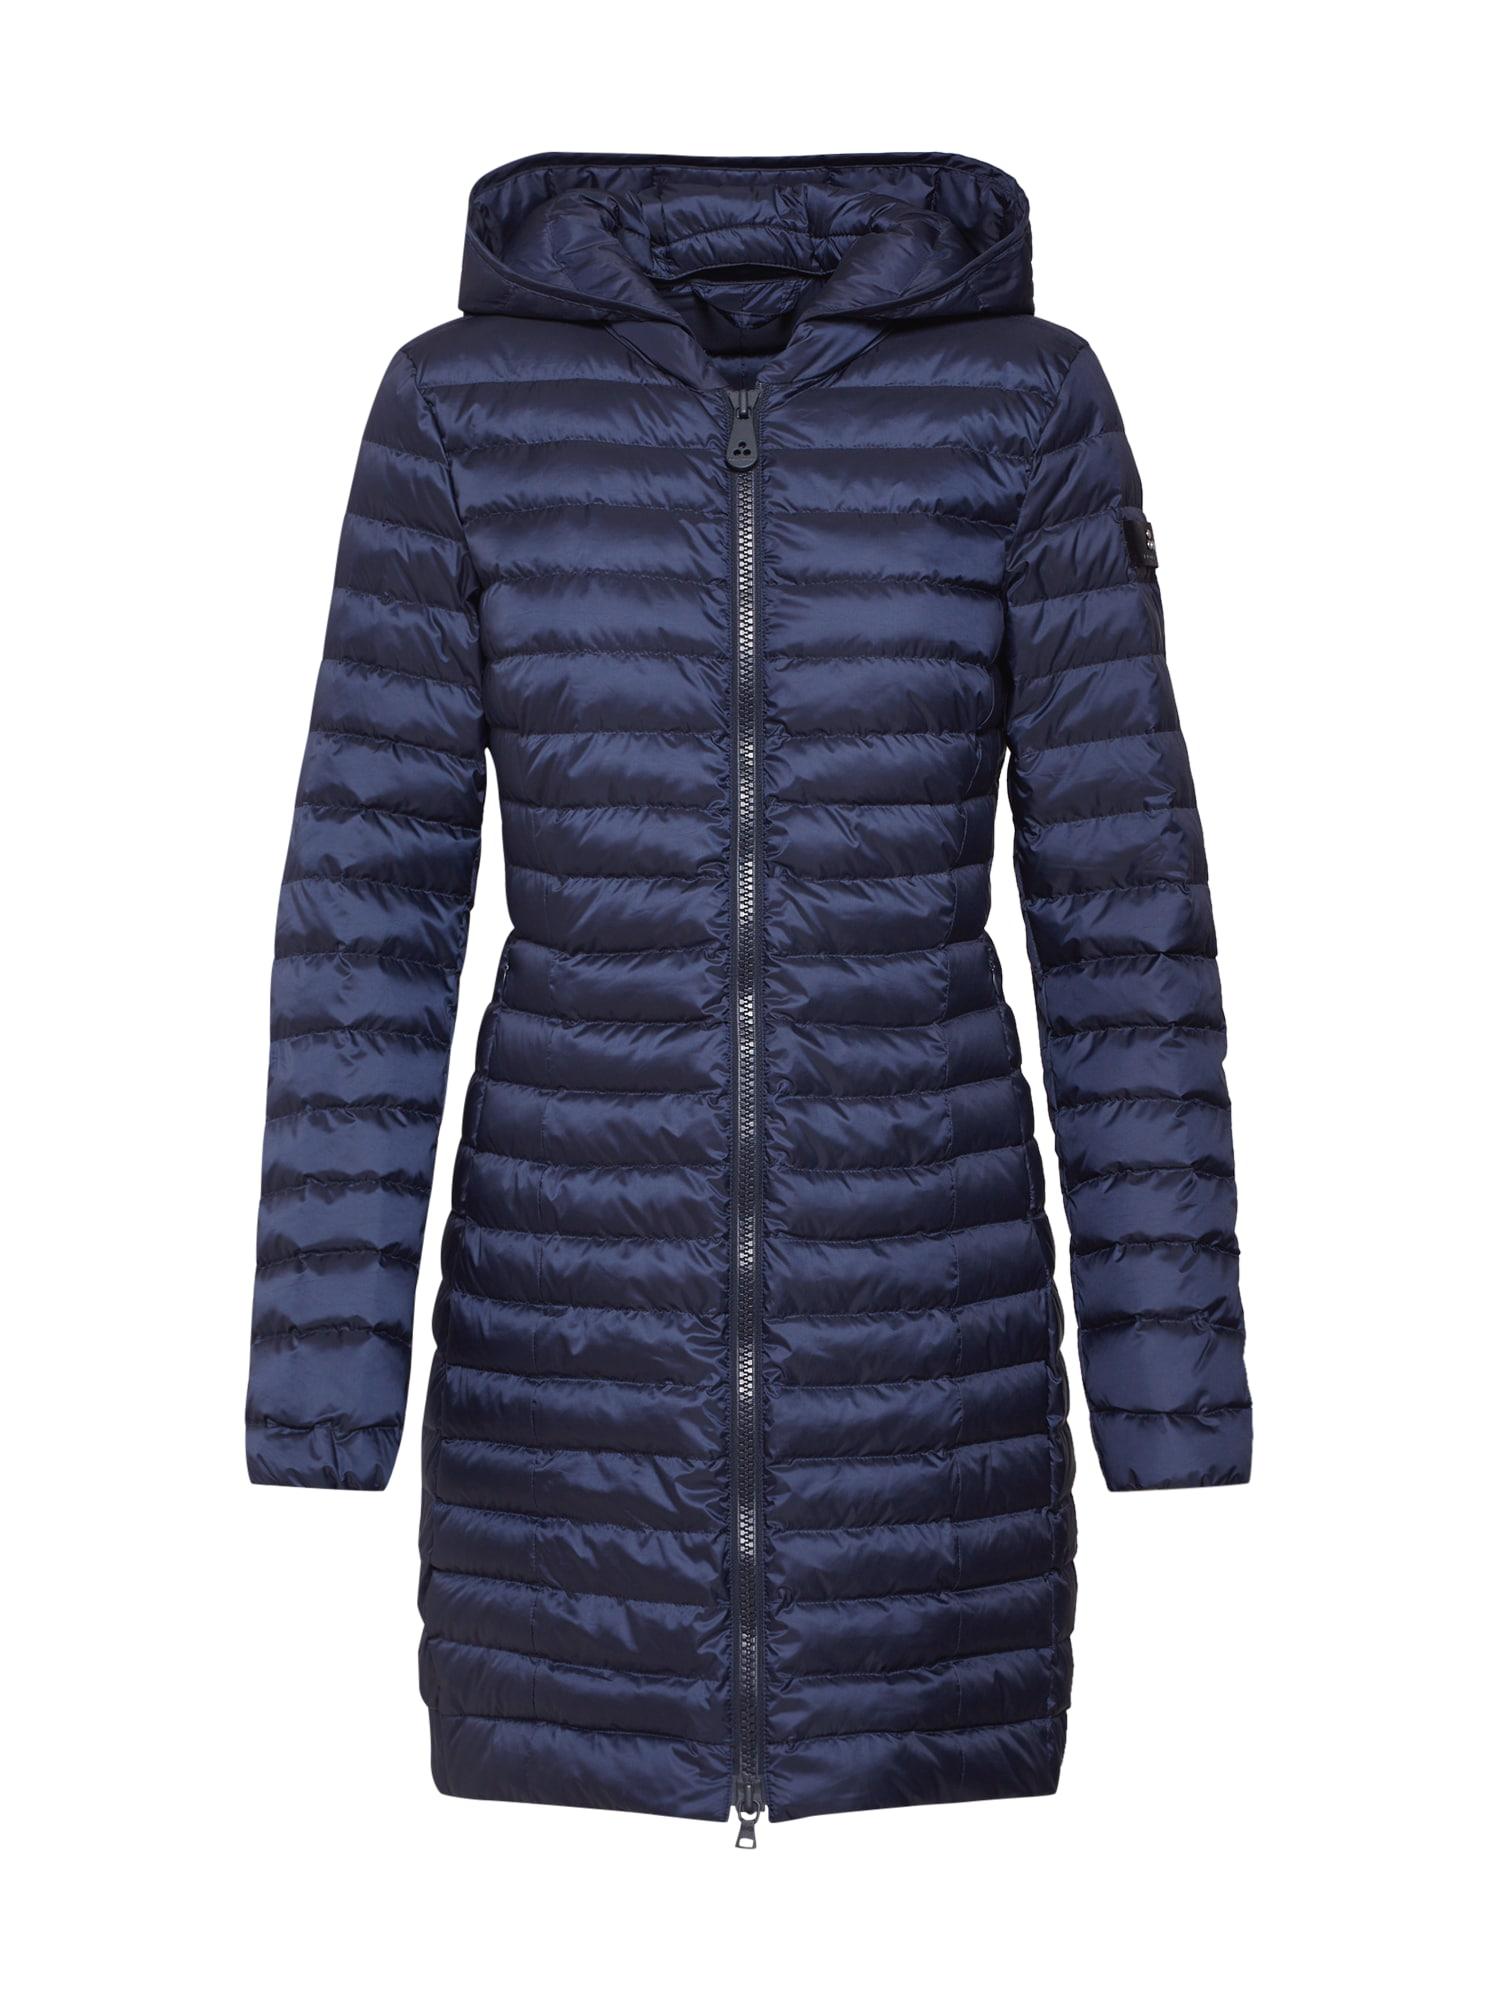 Přechodný kabát Dirham námořnická modř Peuterey